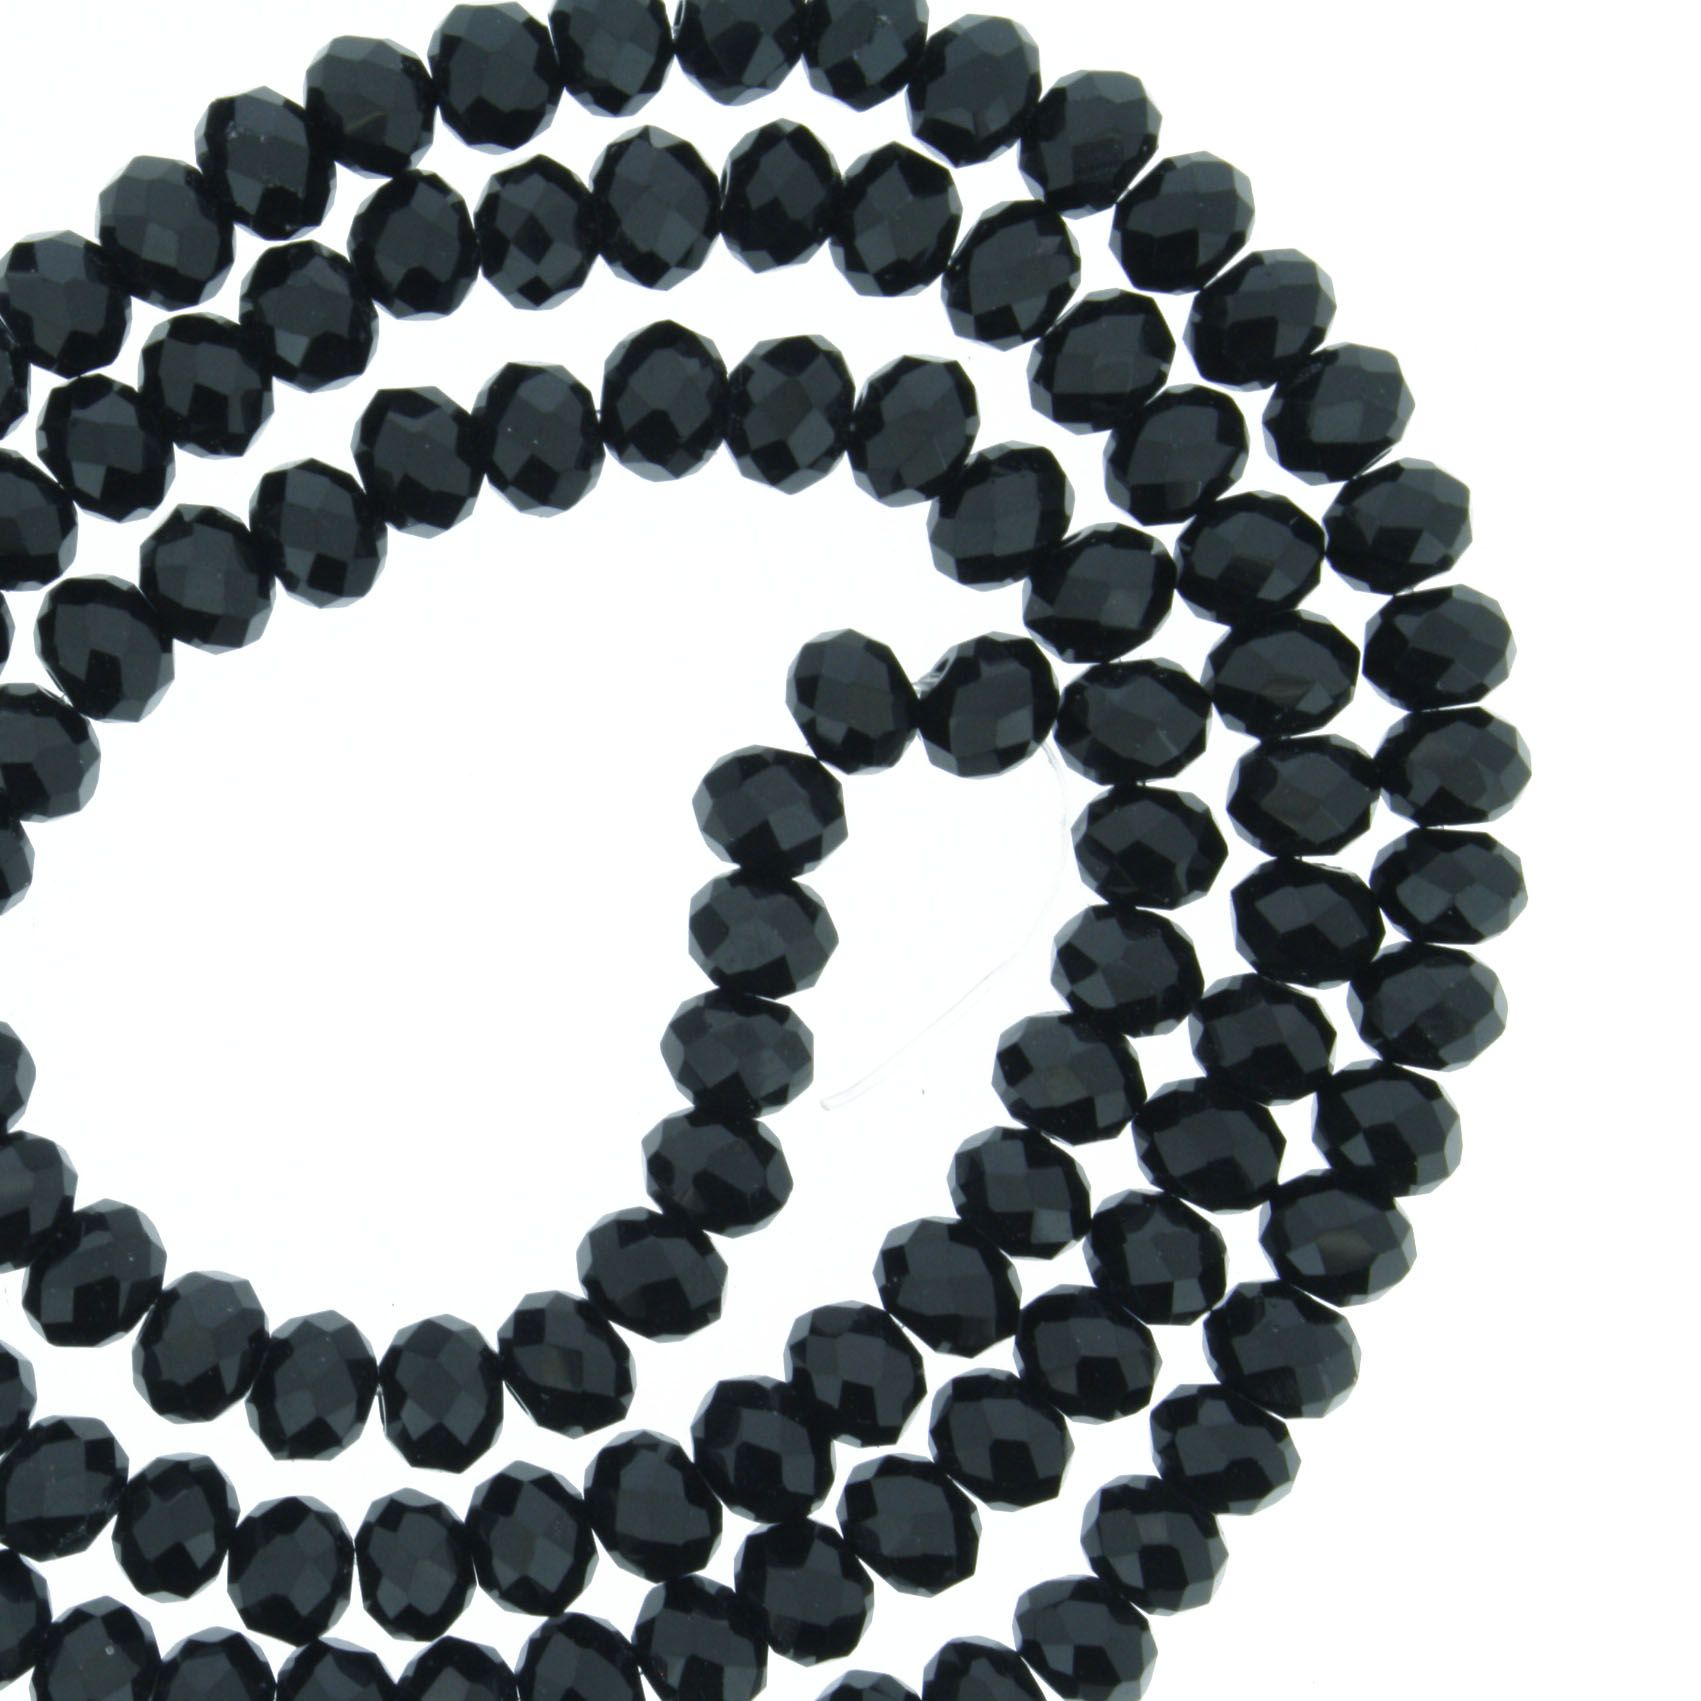 Fio de Cristal - Flat® - Preto - 4mm  - Stéphanie Bijoux® - Peças para Bijuterias e Artesanato